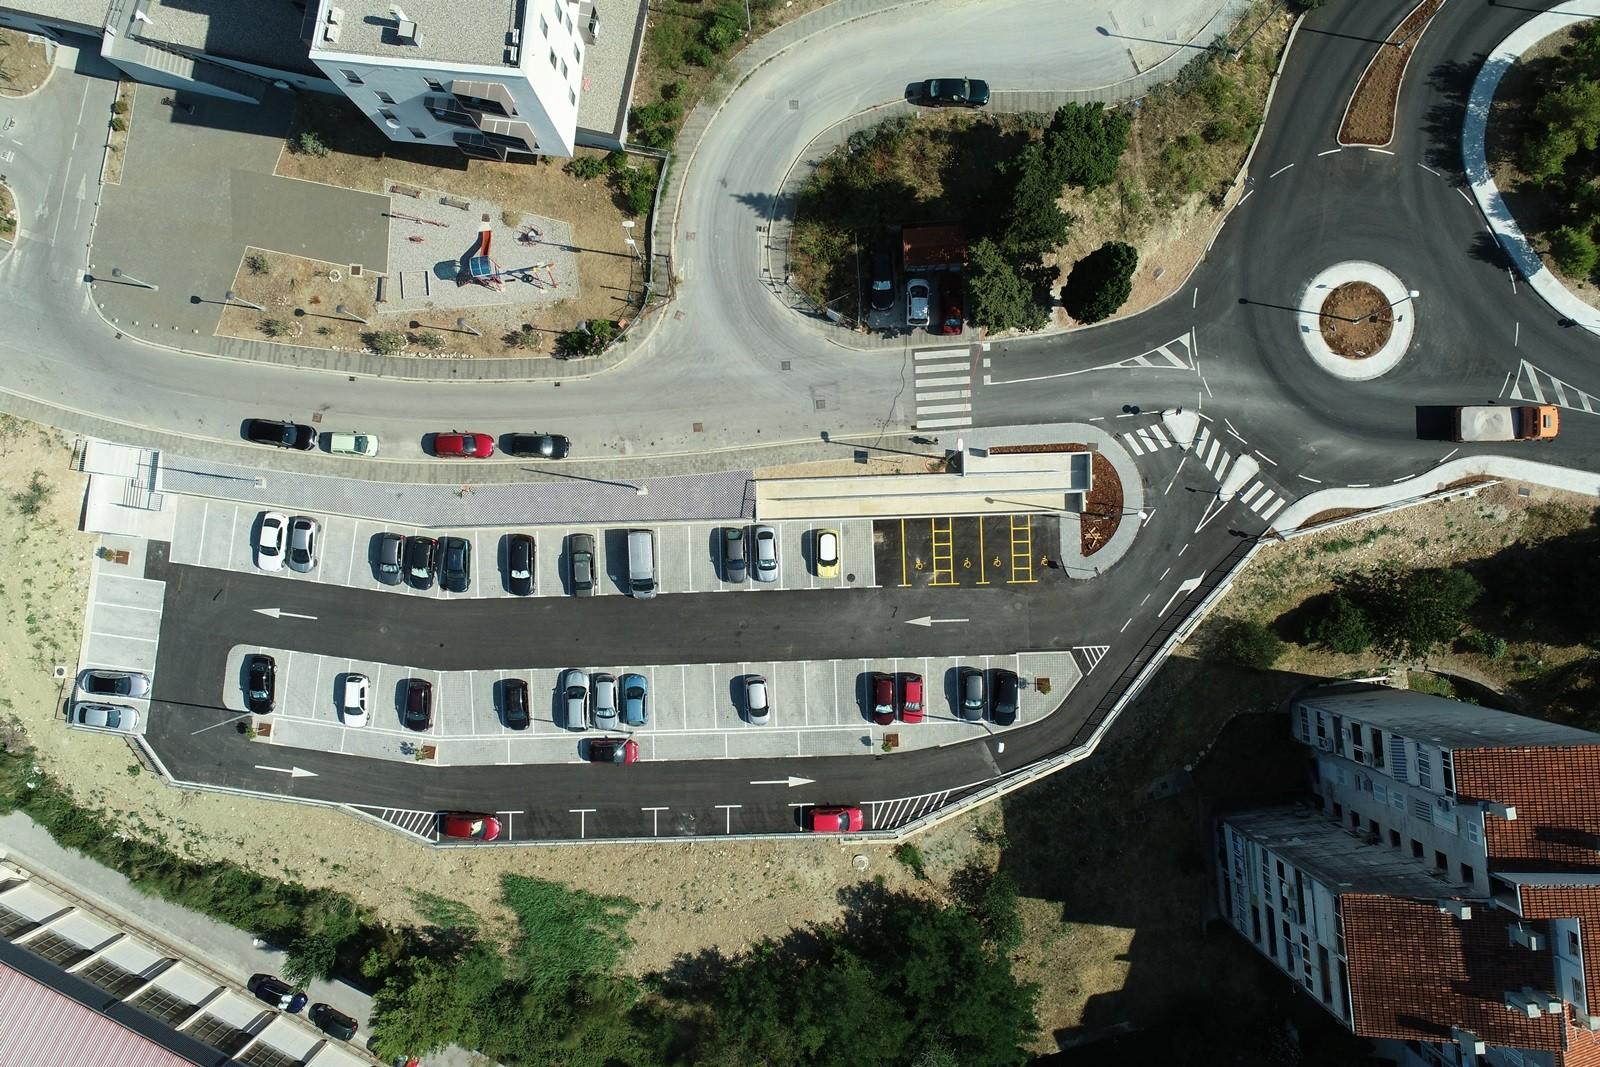 Završeno parkiralište s kružnim tokom u Mokošici kapaciteta 72 mjesta